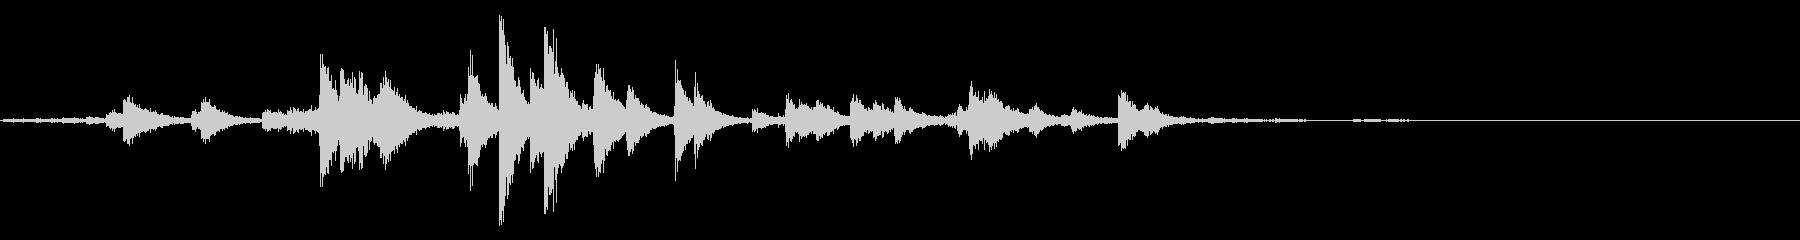 金刀比羅神社の鈴の音【徳島】の未再生の波形